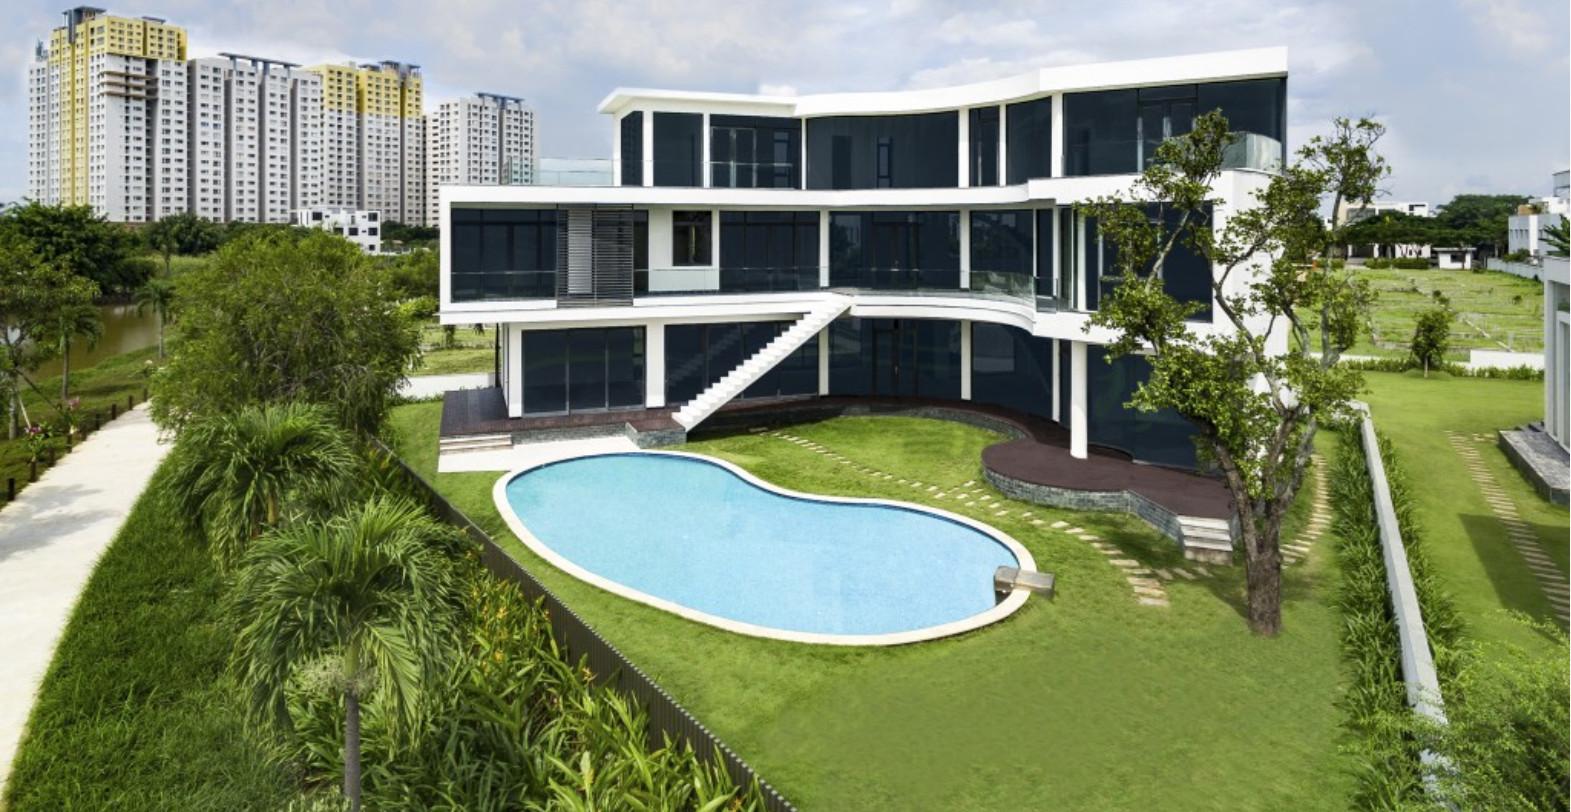 Căn Biệt Thự Đơn Lập Có Hồ Bơi Riêng Lucasta Quận 9 Khang Điền